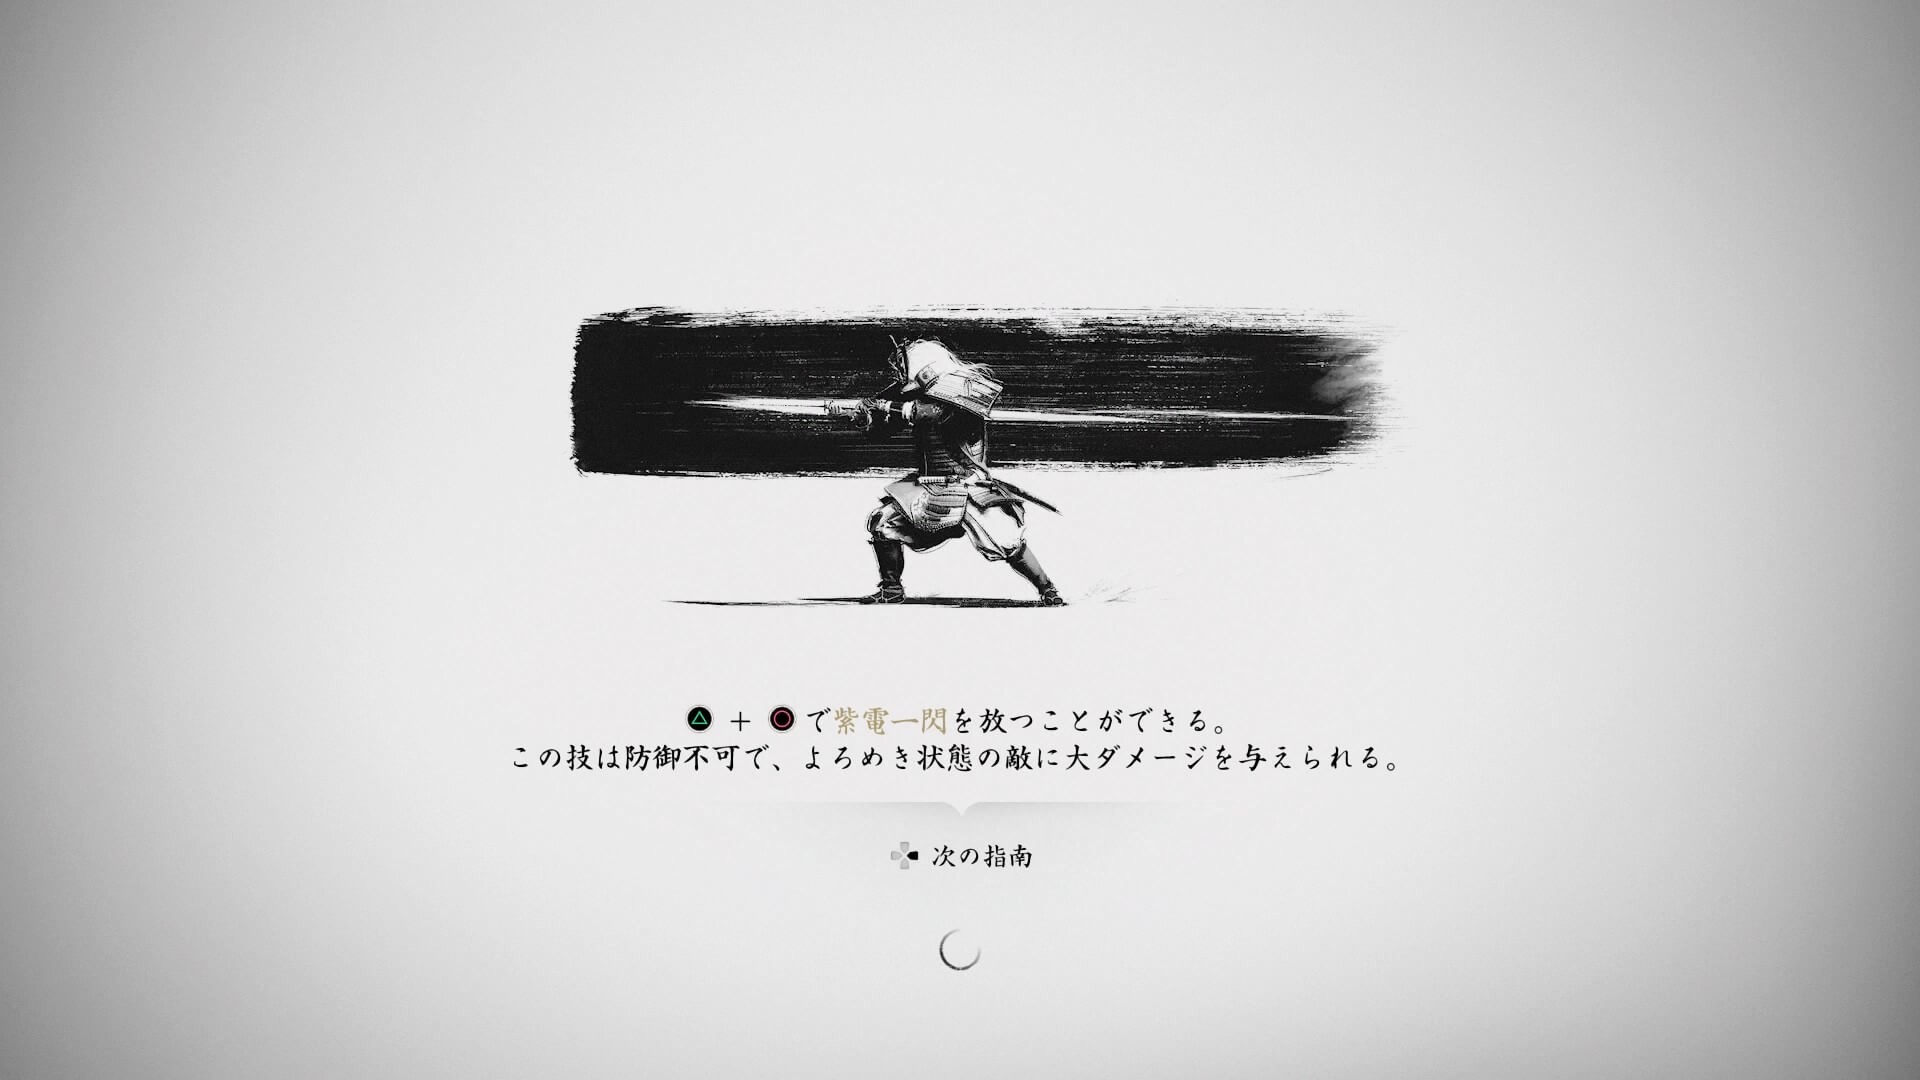 ゴーストオブツシマ:伝承の奥義「紫電一閃や憤怒の舞」が出せない原因